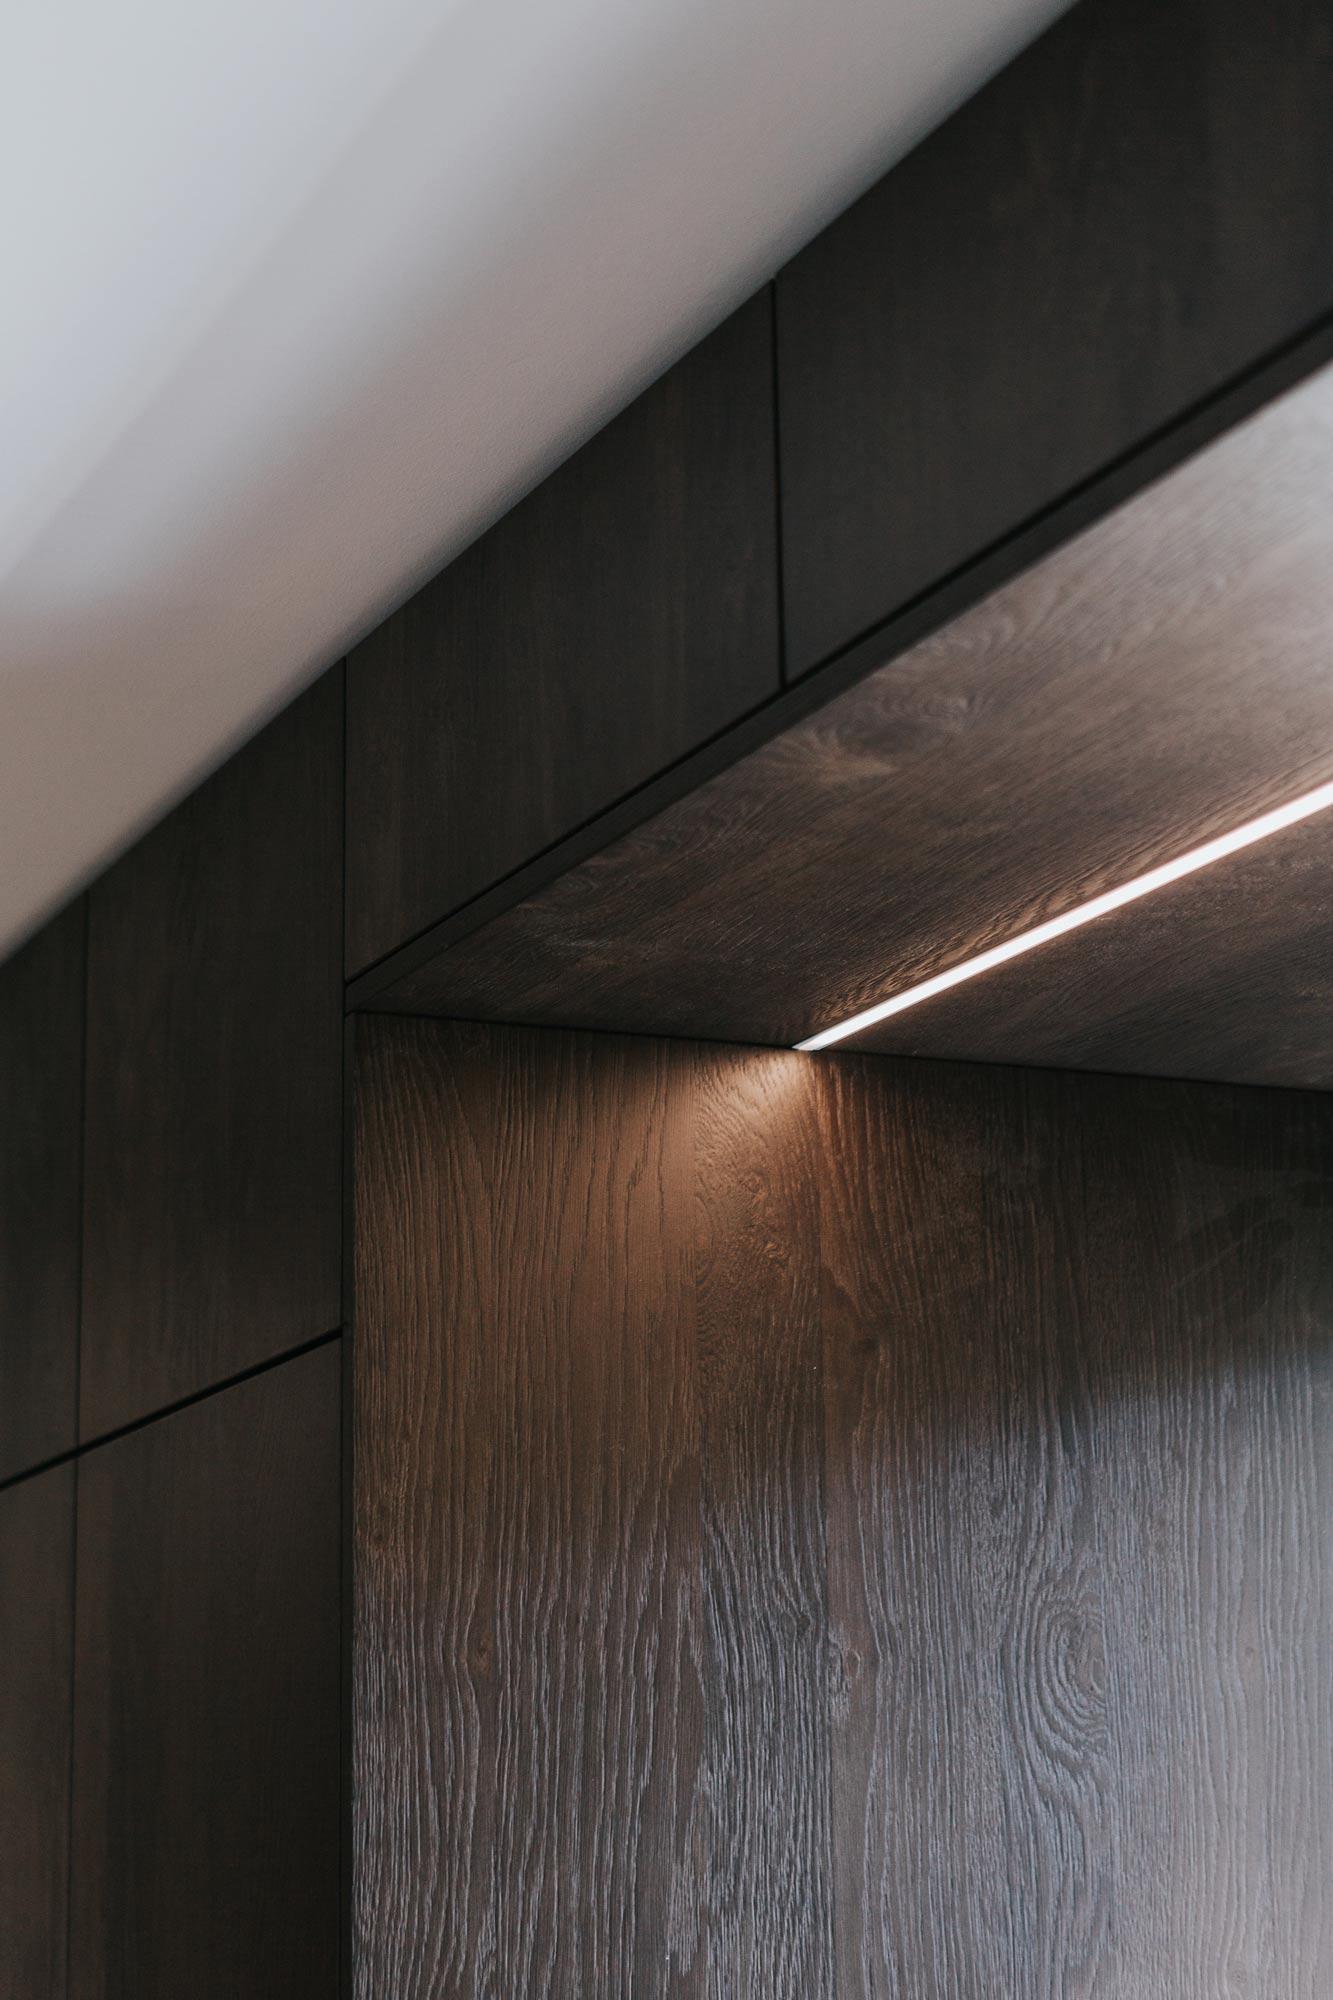 Norzküche, dunkle Eiche gebeitzt, Lichtelement